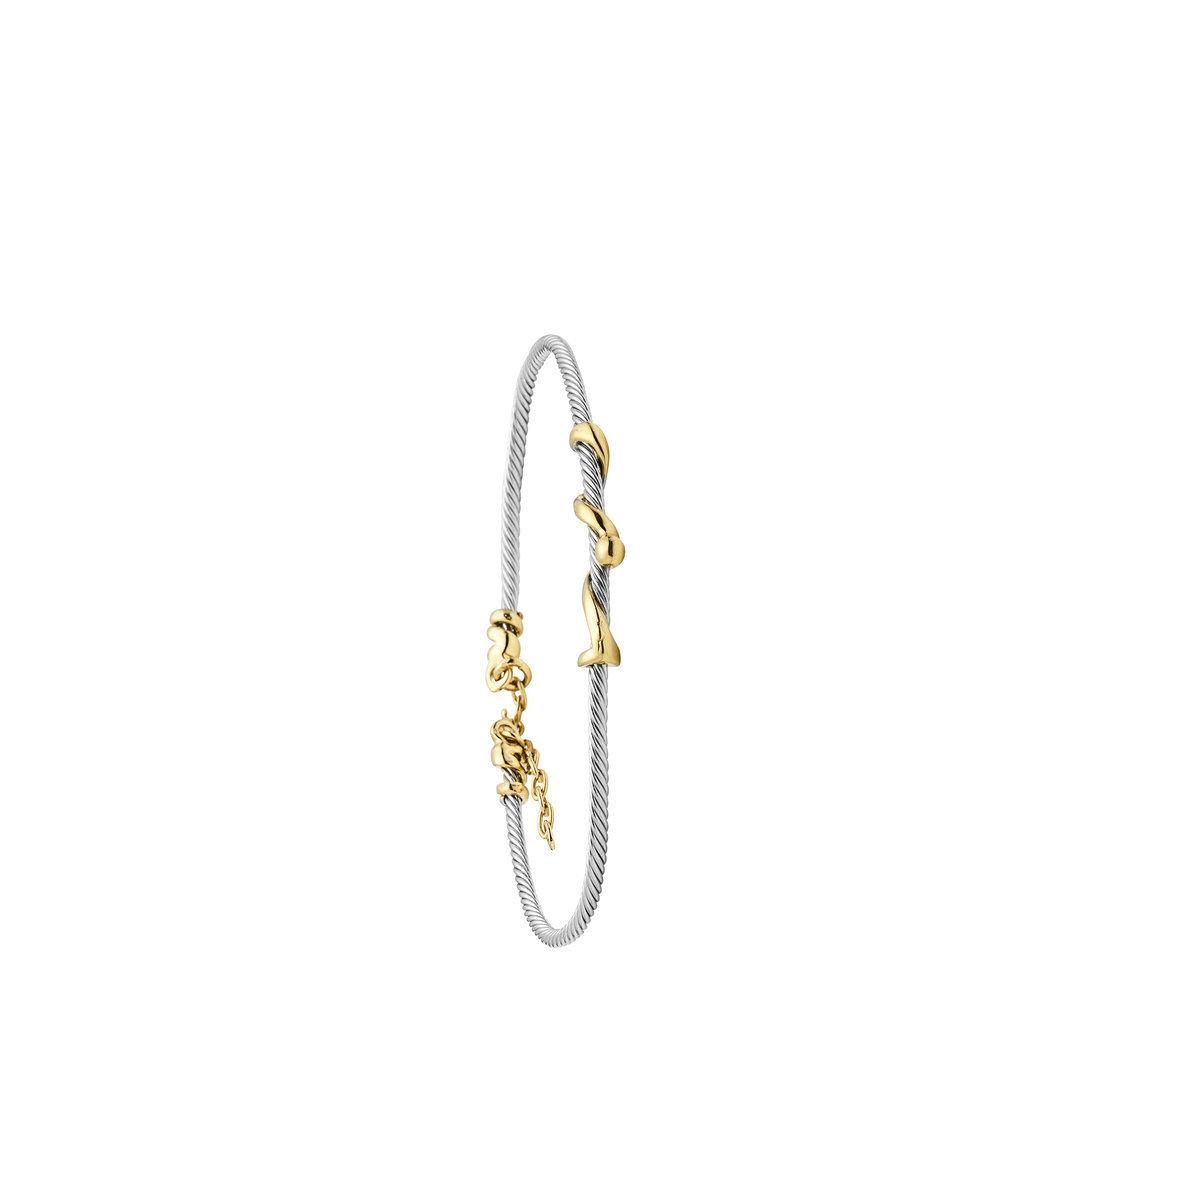 Bracelet Femme Jourdan bijoux Piano plaqué or et argent Js 780